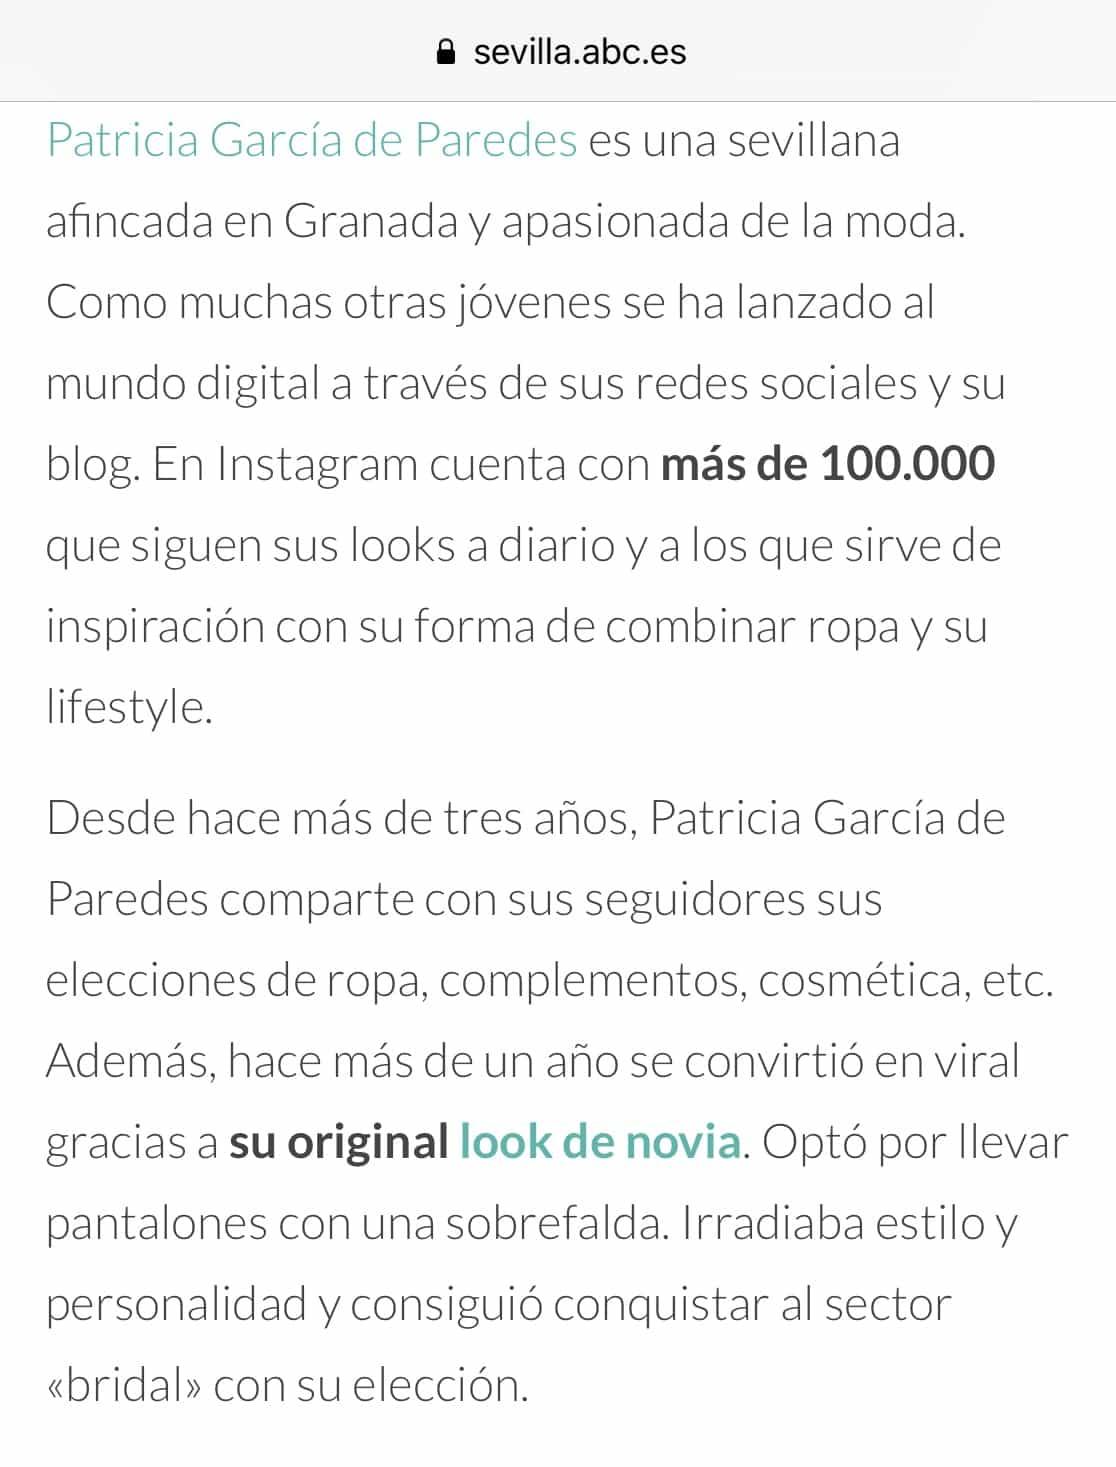 ABC-Sevilla2